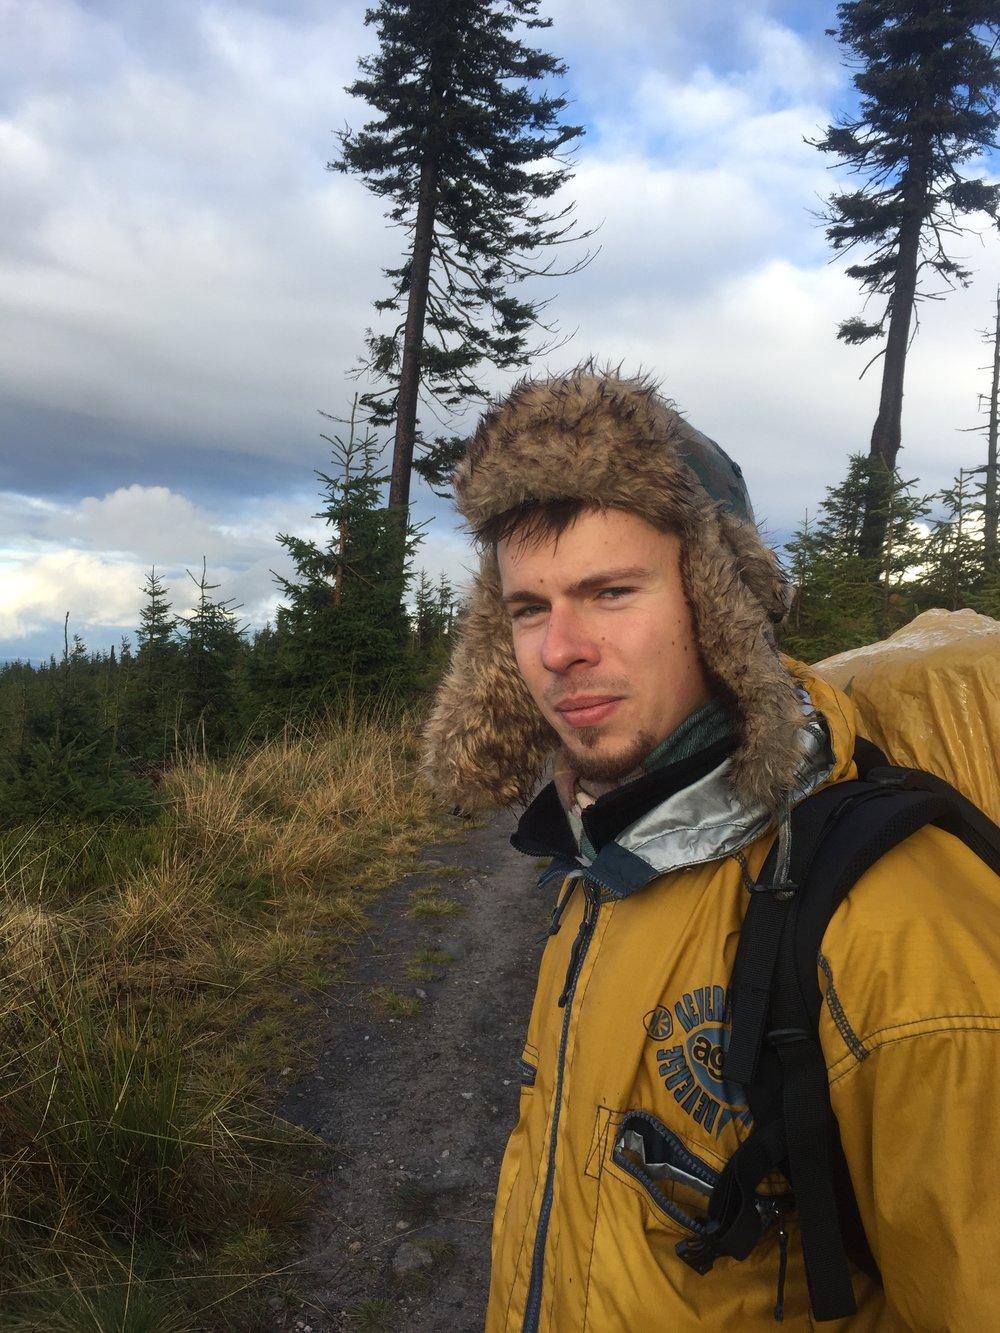 Marcin, the Polish adventurer.